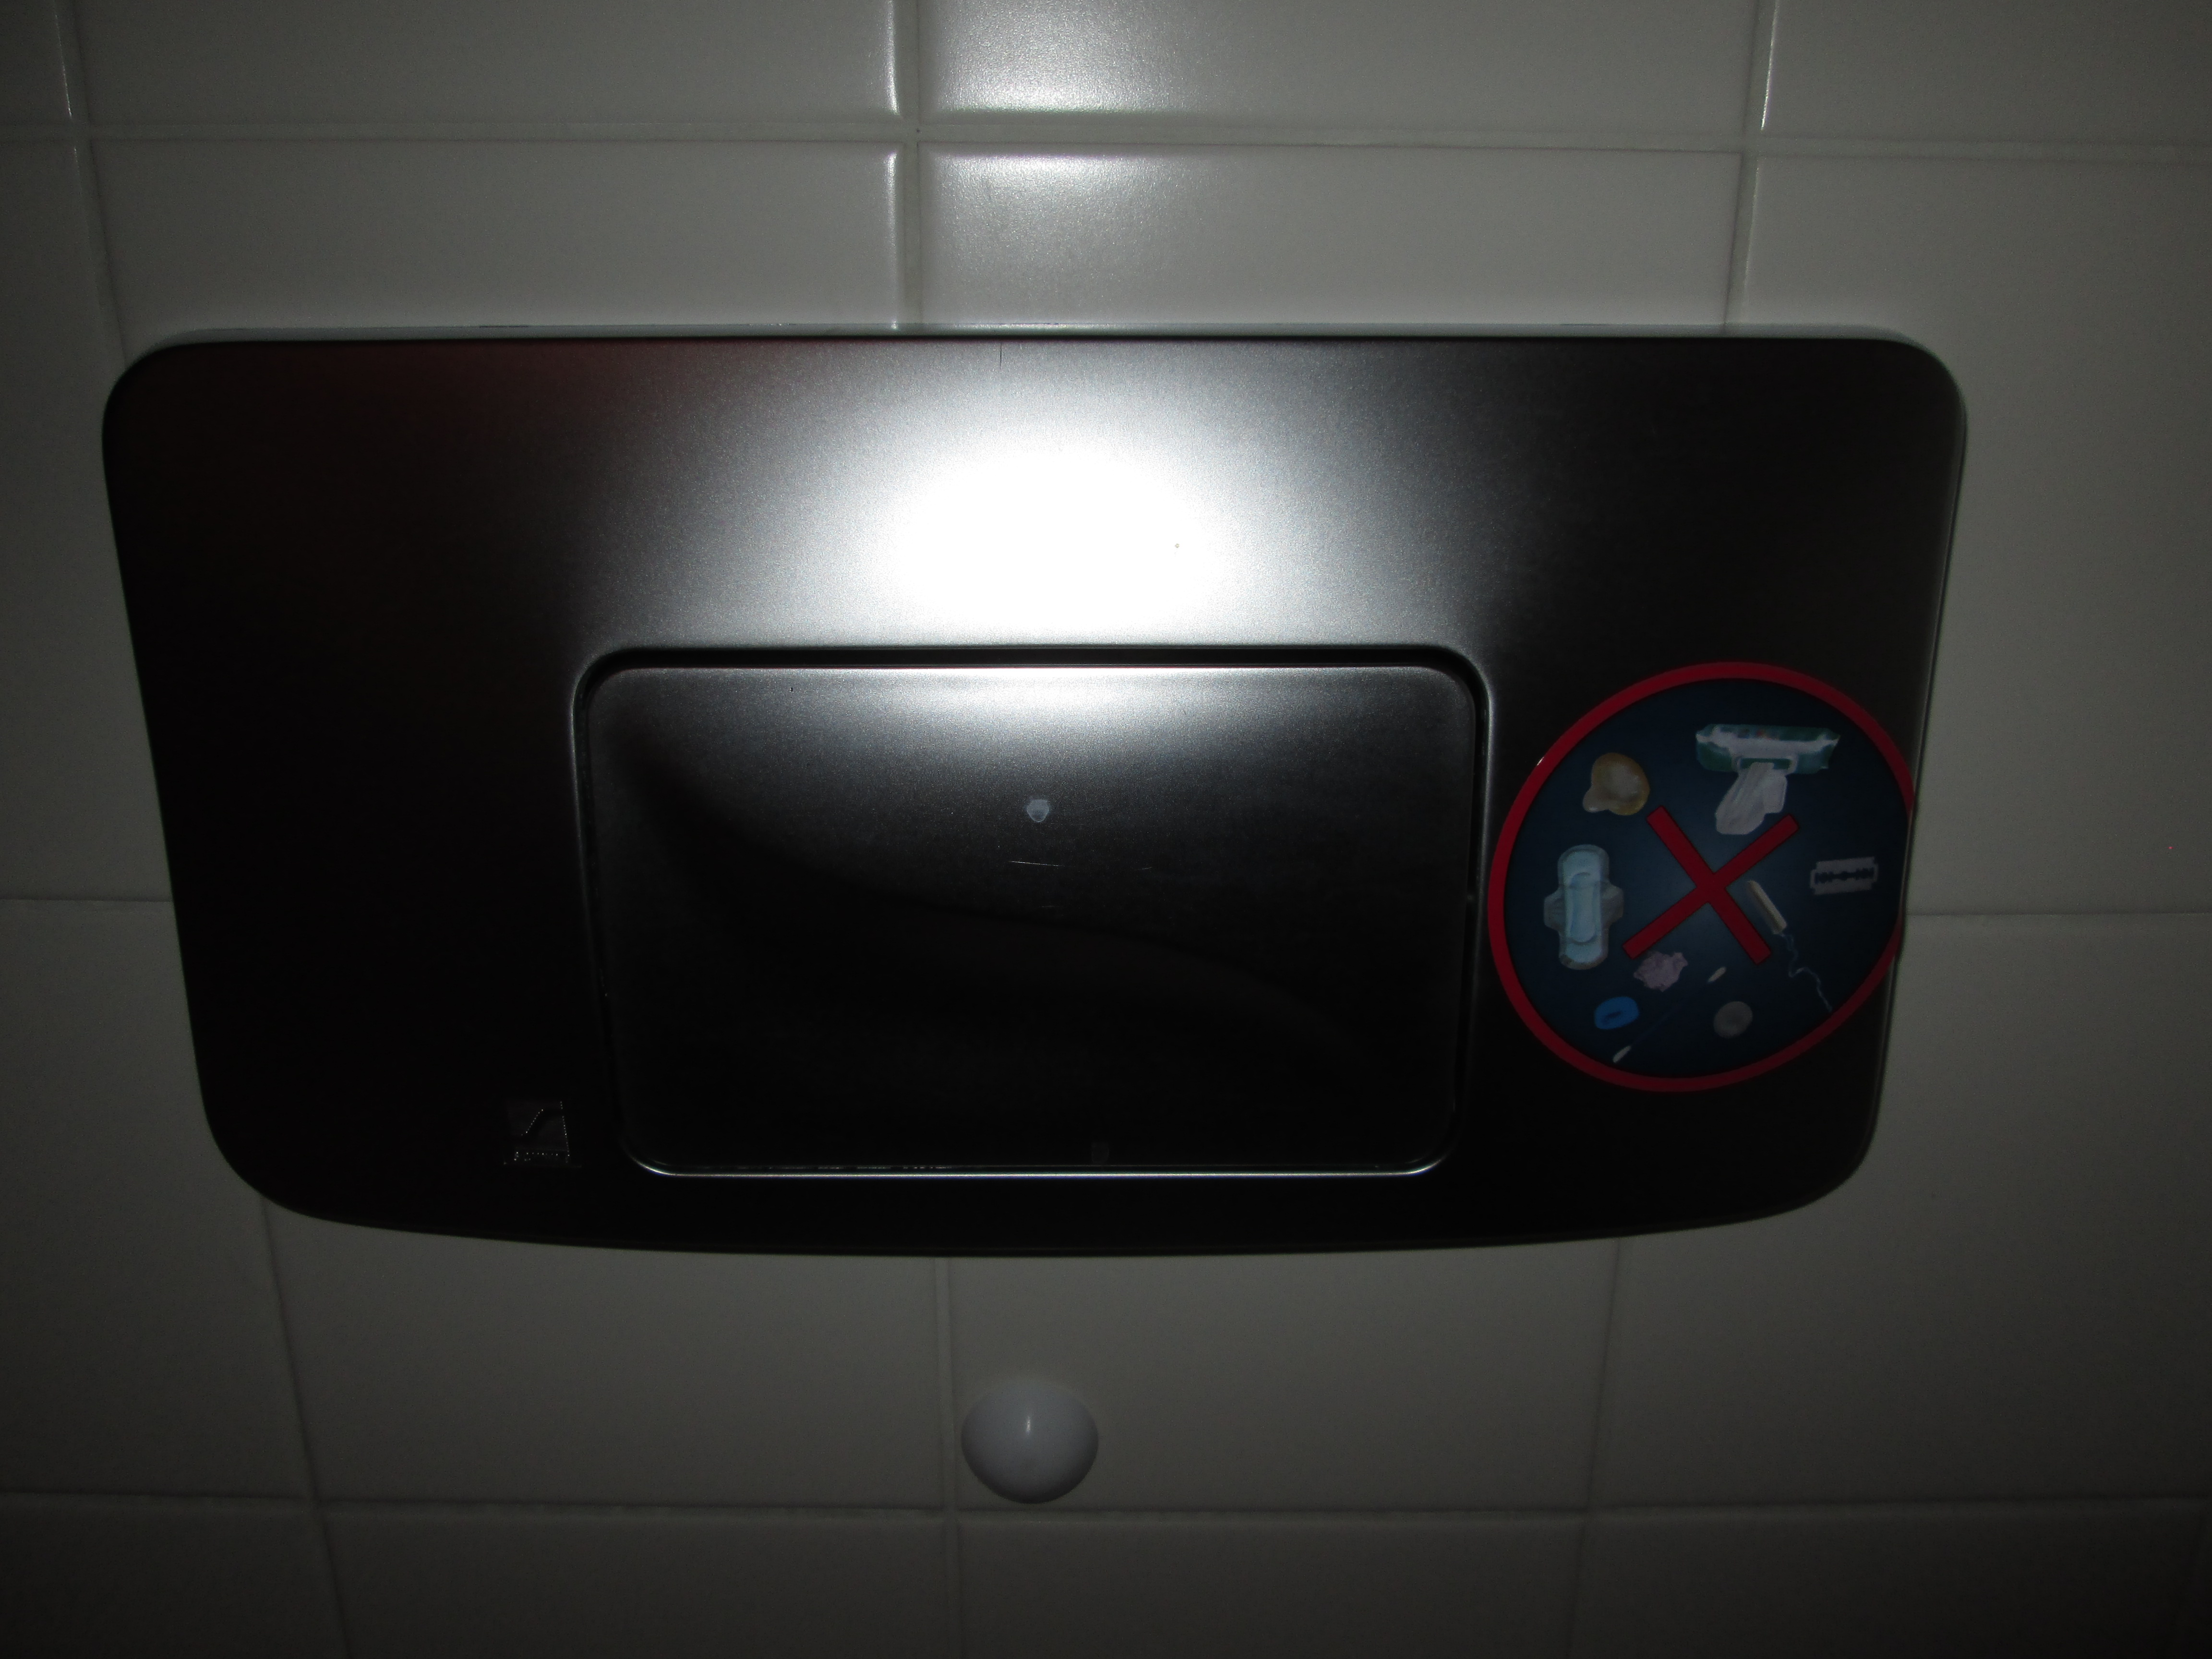 durchlauferhitzer durchlauferhitzer wasser wird nicht warm. Black Bedroom Furniture Sets. Home Design Ideas